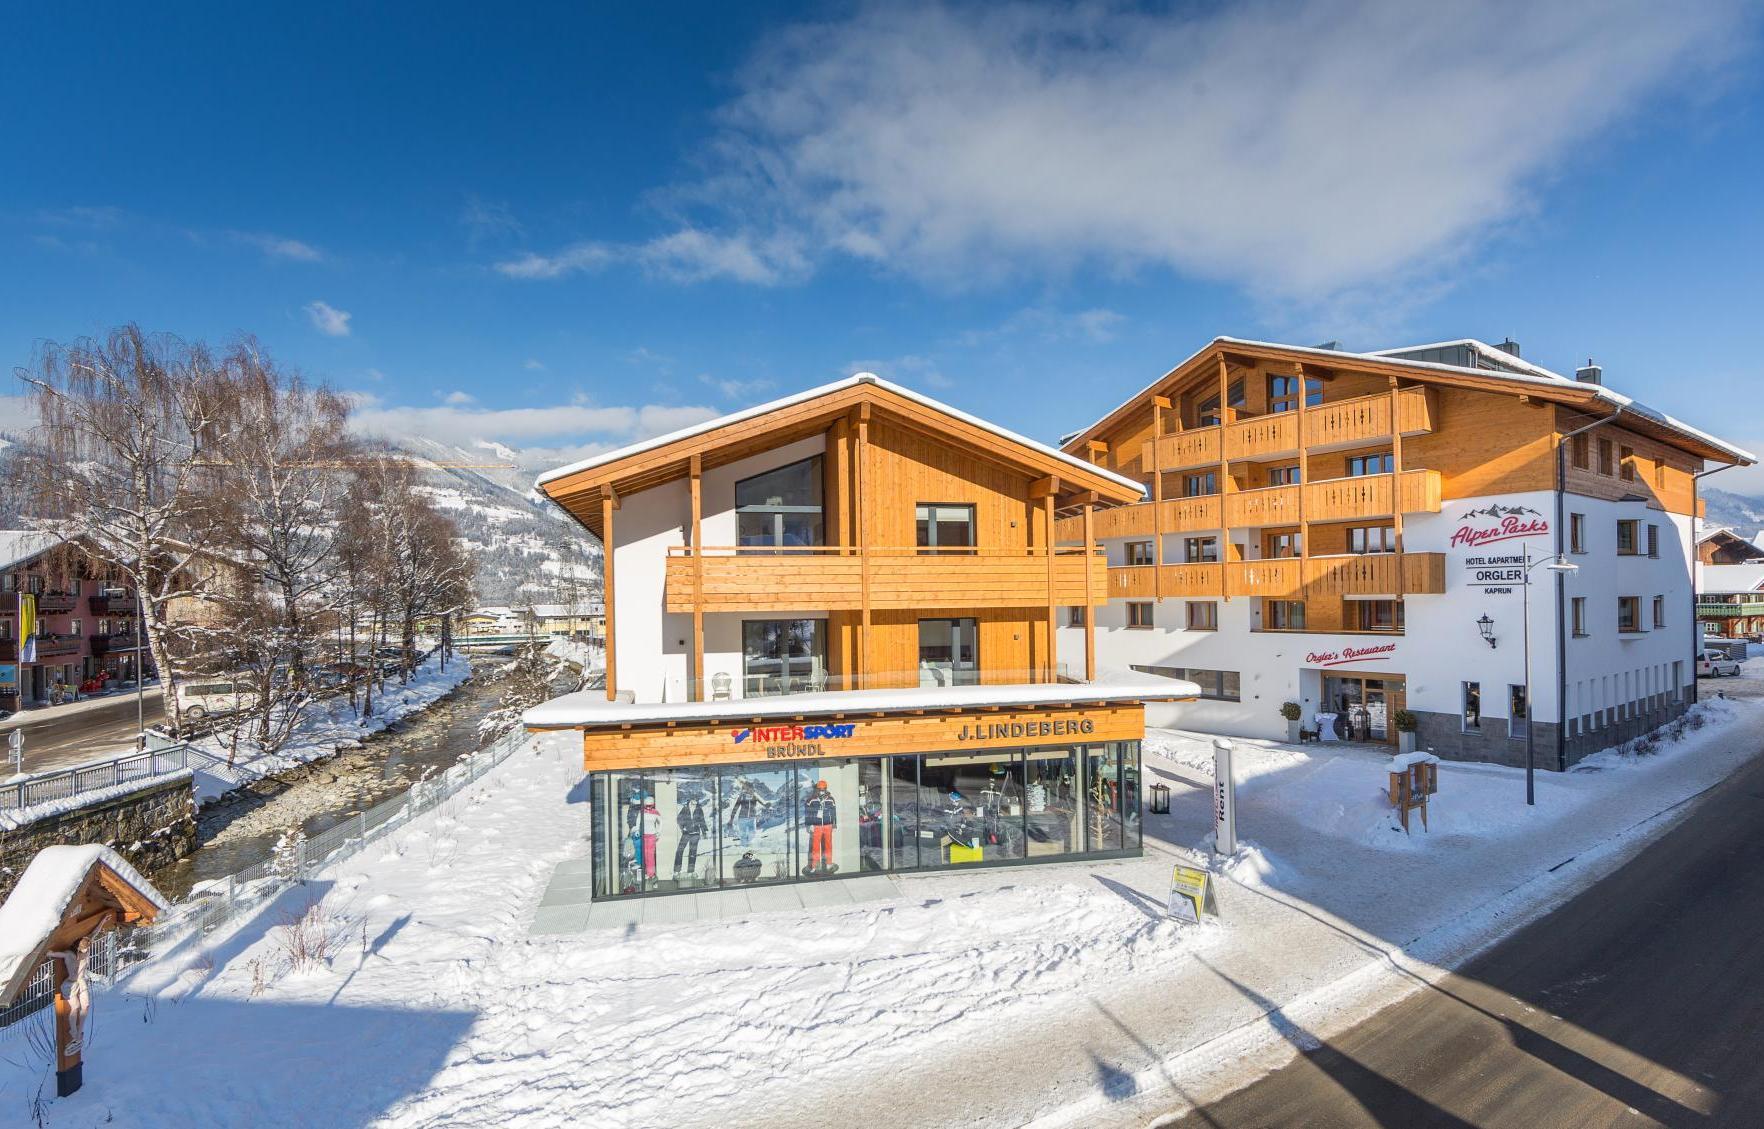 Meer info over Appartementen Alpenparks Orgler  bij Summittravel